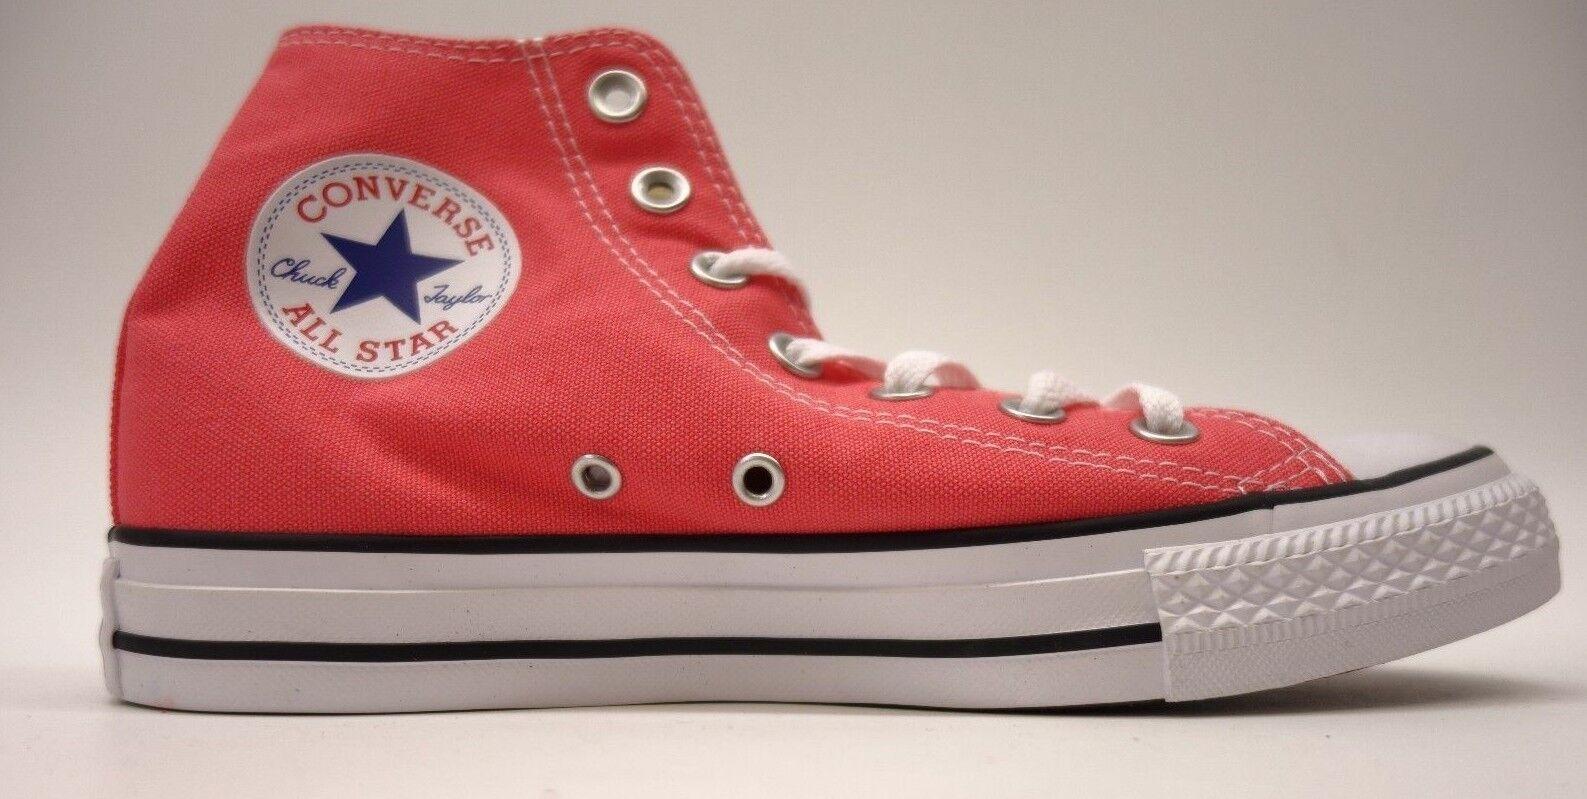 NEU Converse Damenschuhe Coral Chuck Taylor All Star High Top Leder Schuhes Größe 7